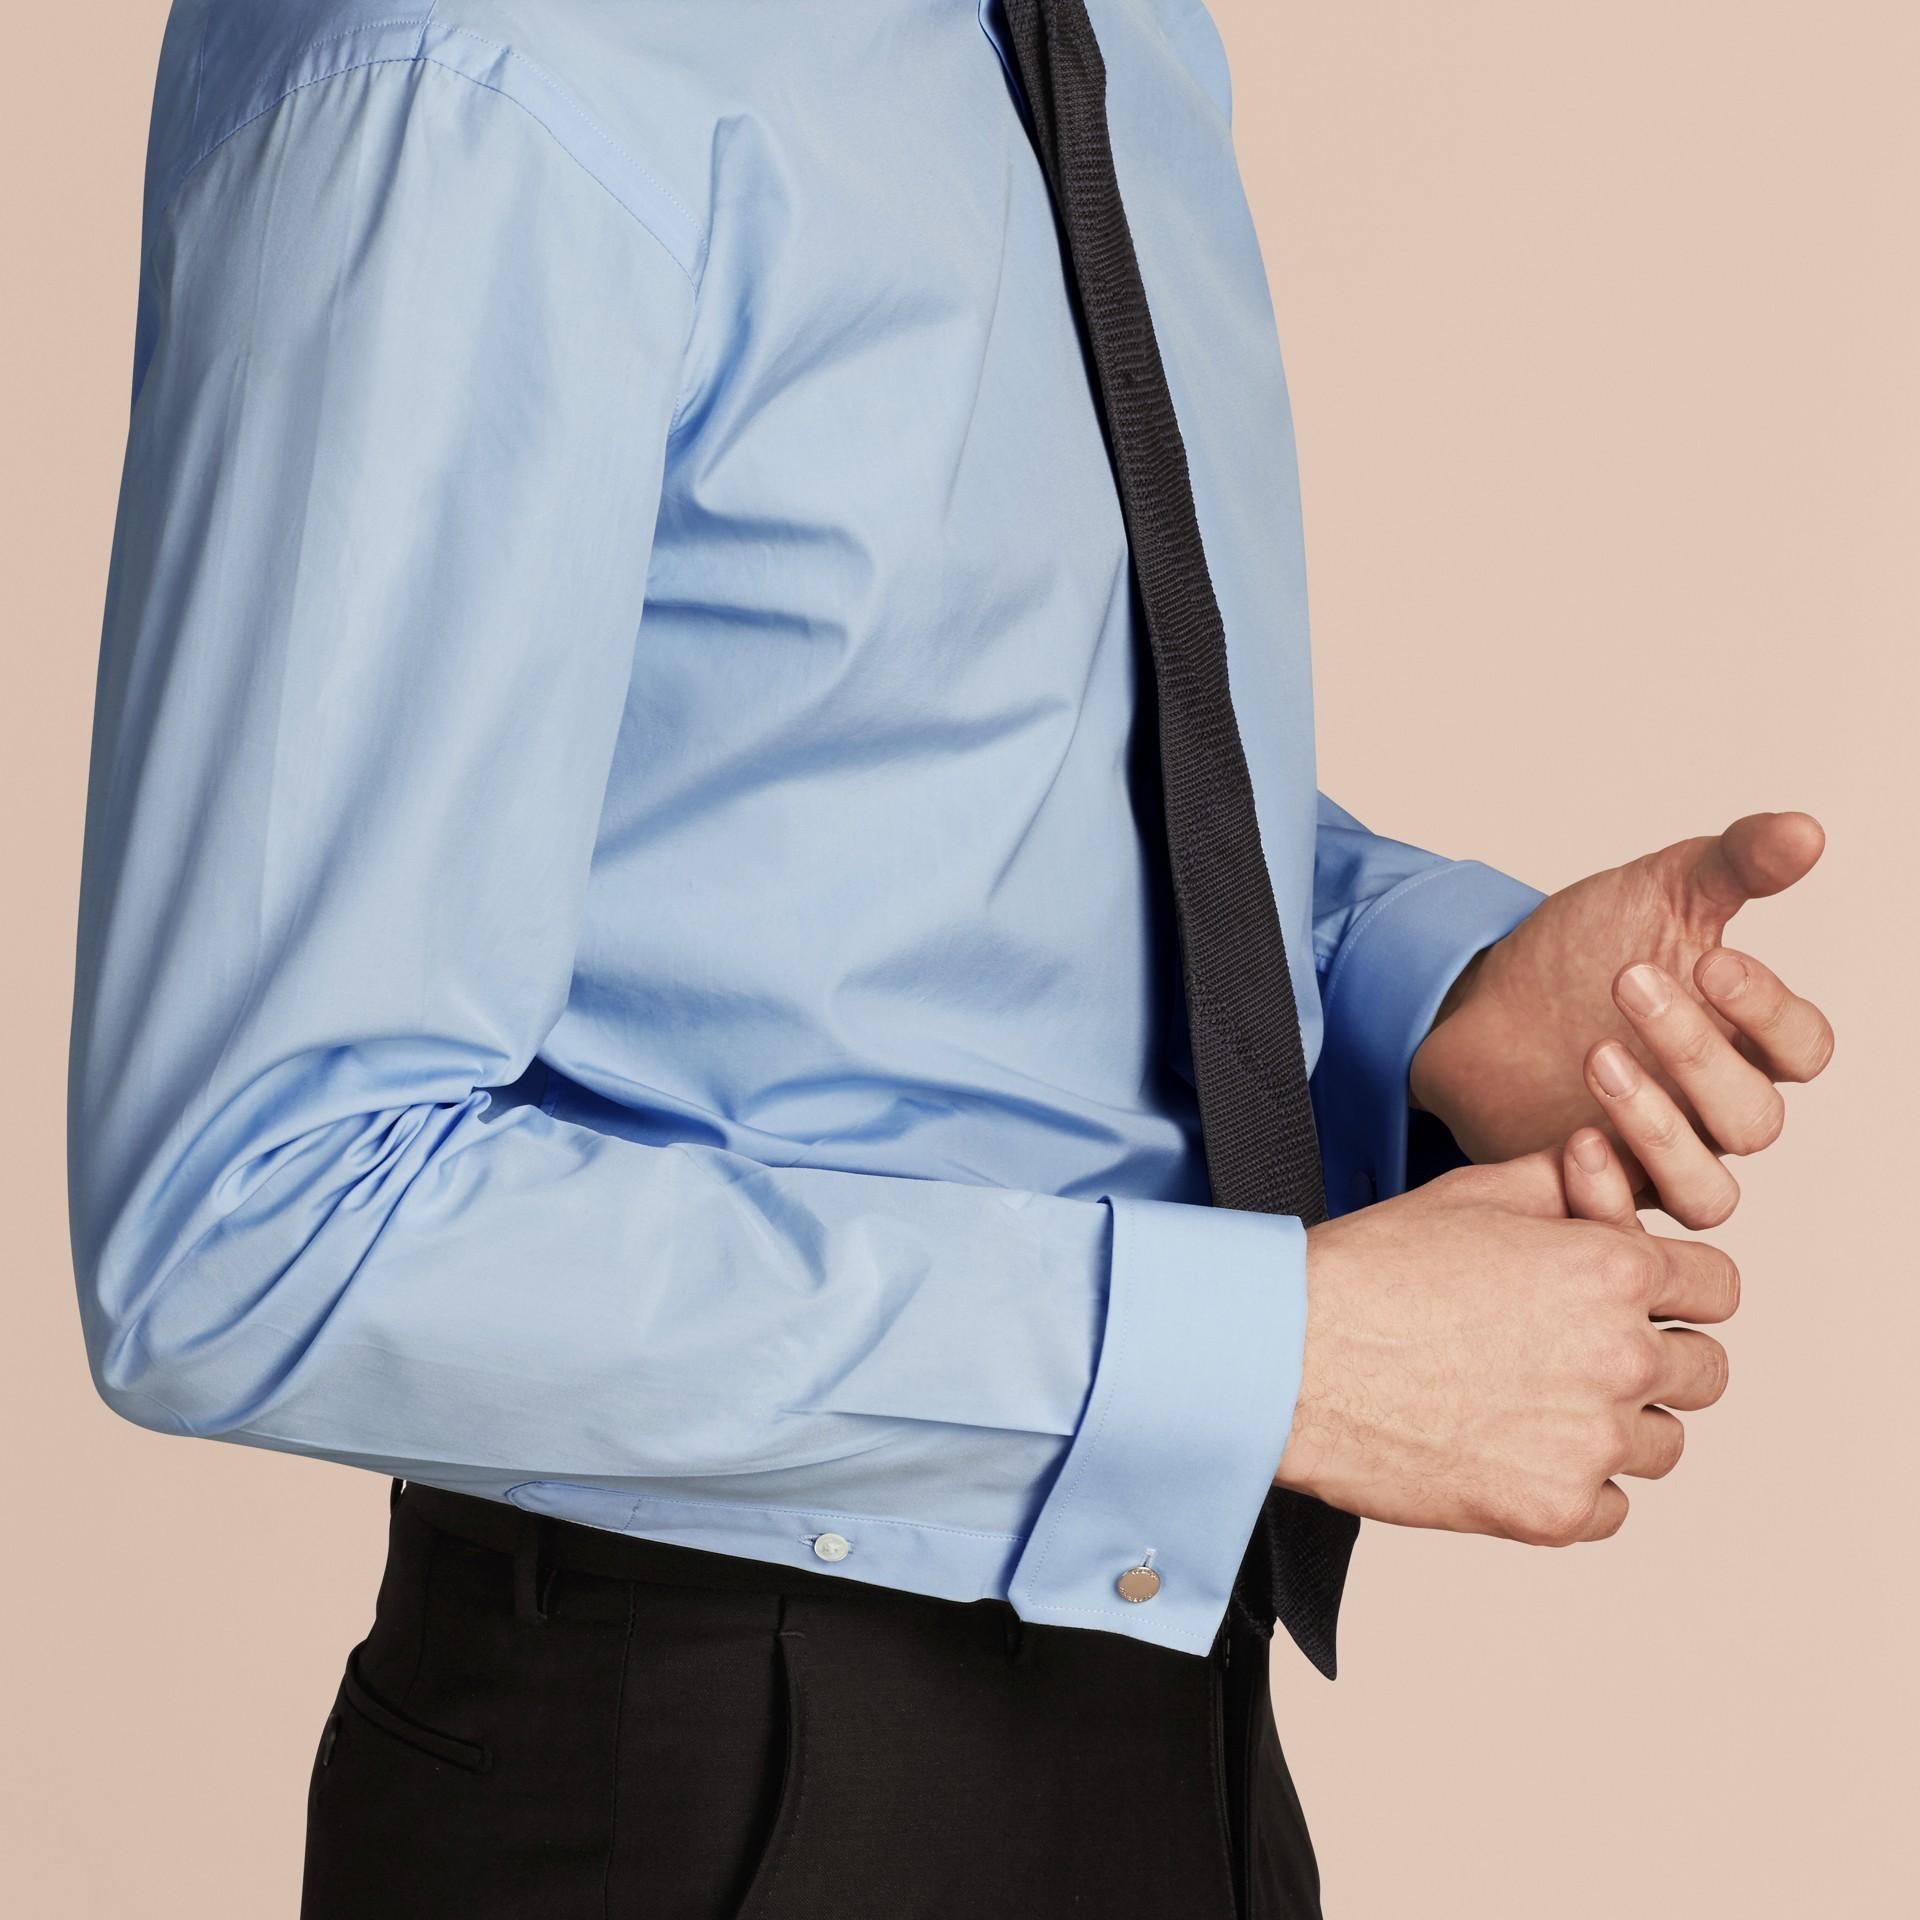 Azul urbano Camisa de popeline de algodão com corte moderno e punhos duplos Azul Urbano - galeria de imagens 5